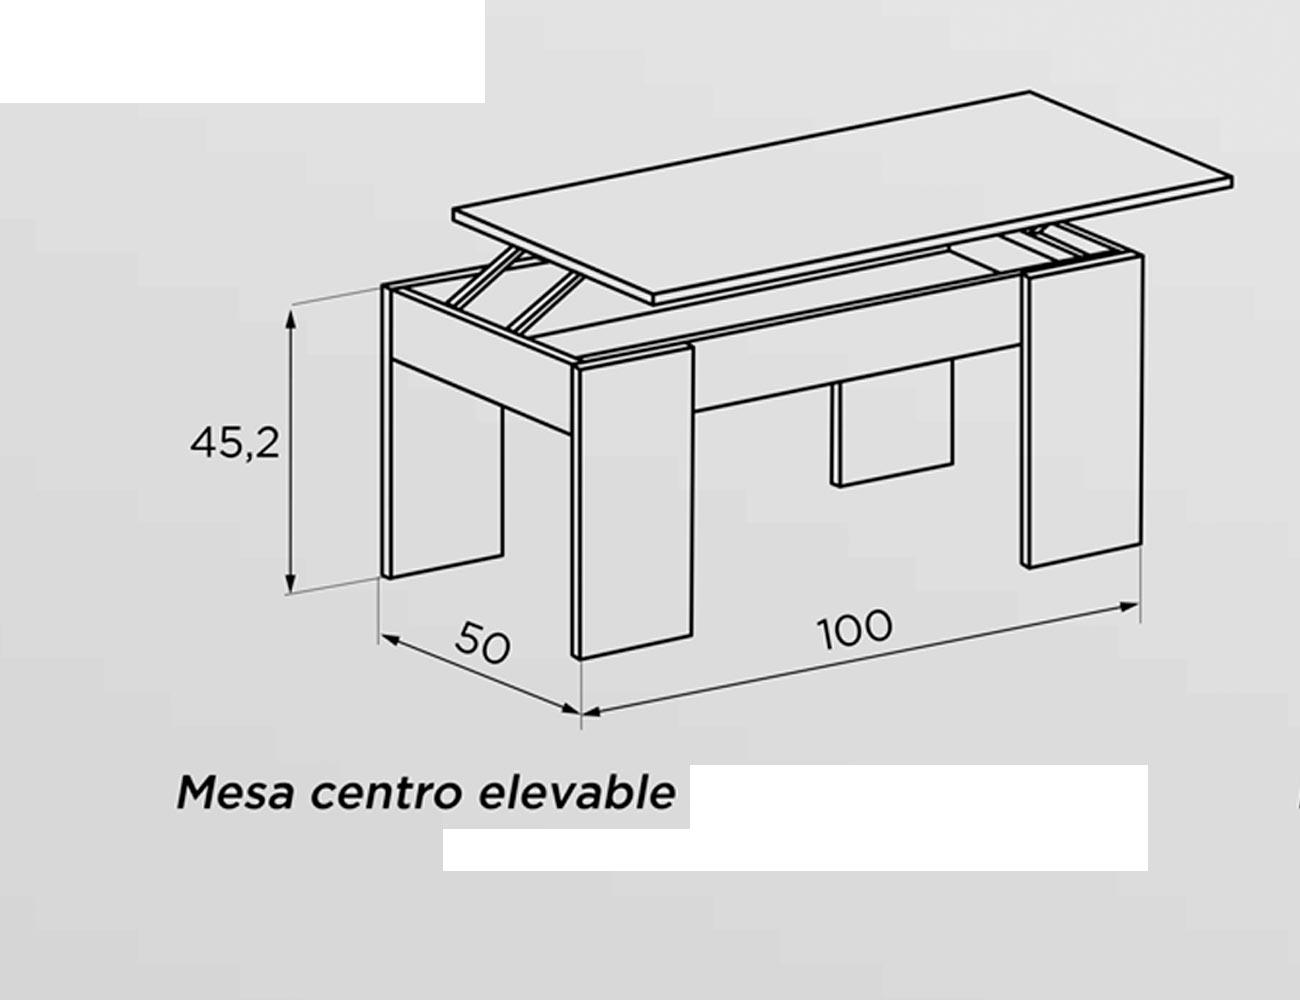 Tecnico mesa centro elevable 1001